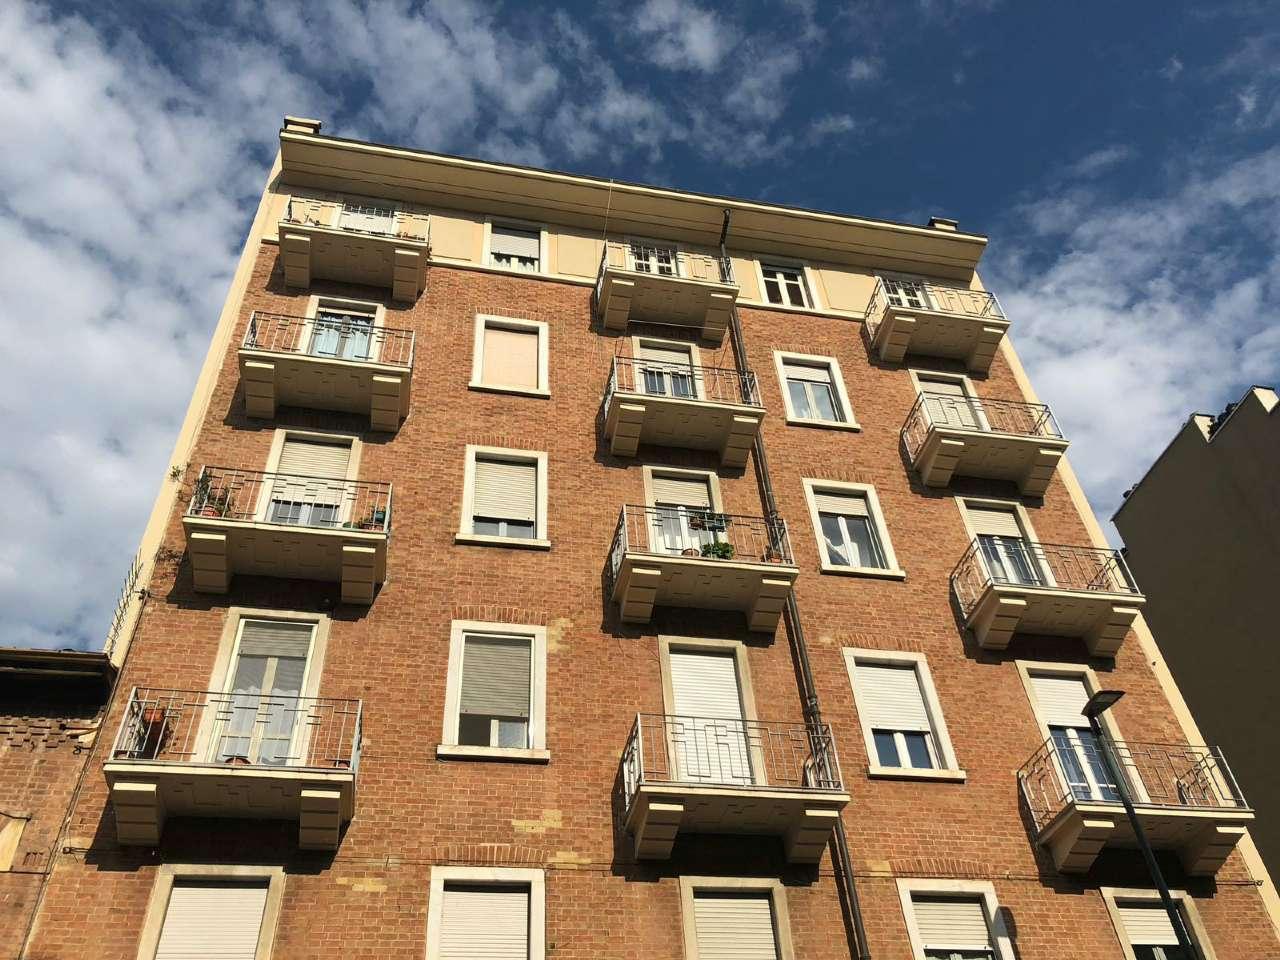 Foto 1 di Trilocale via Caprie 5, Torino (zona Cit Turin, San Donato, Campidoglio)